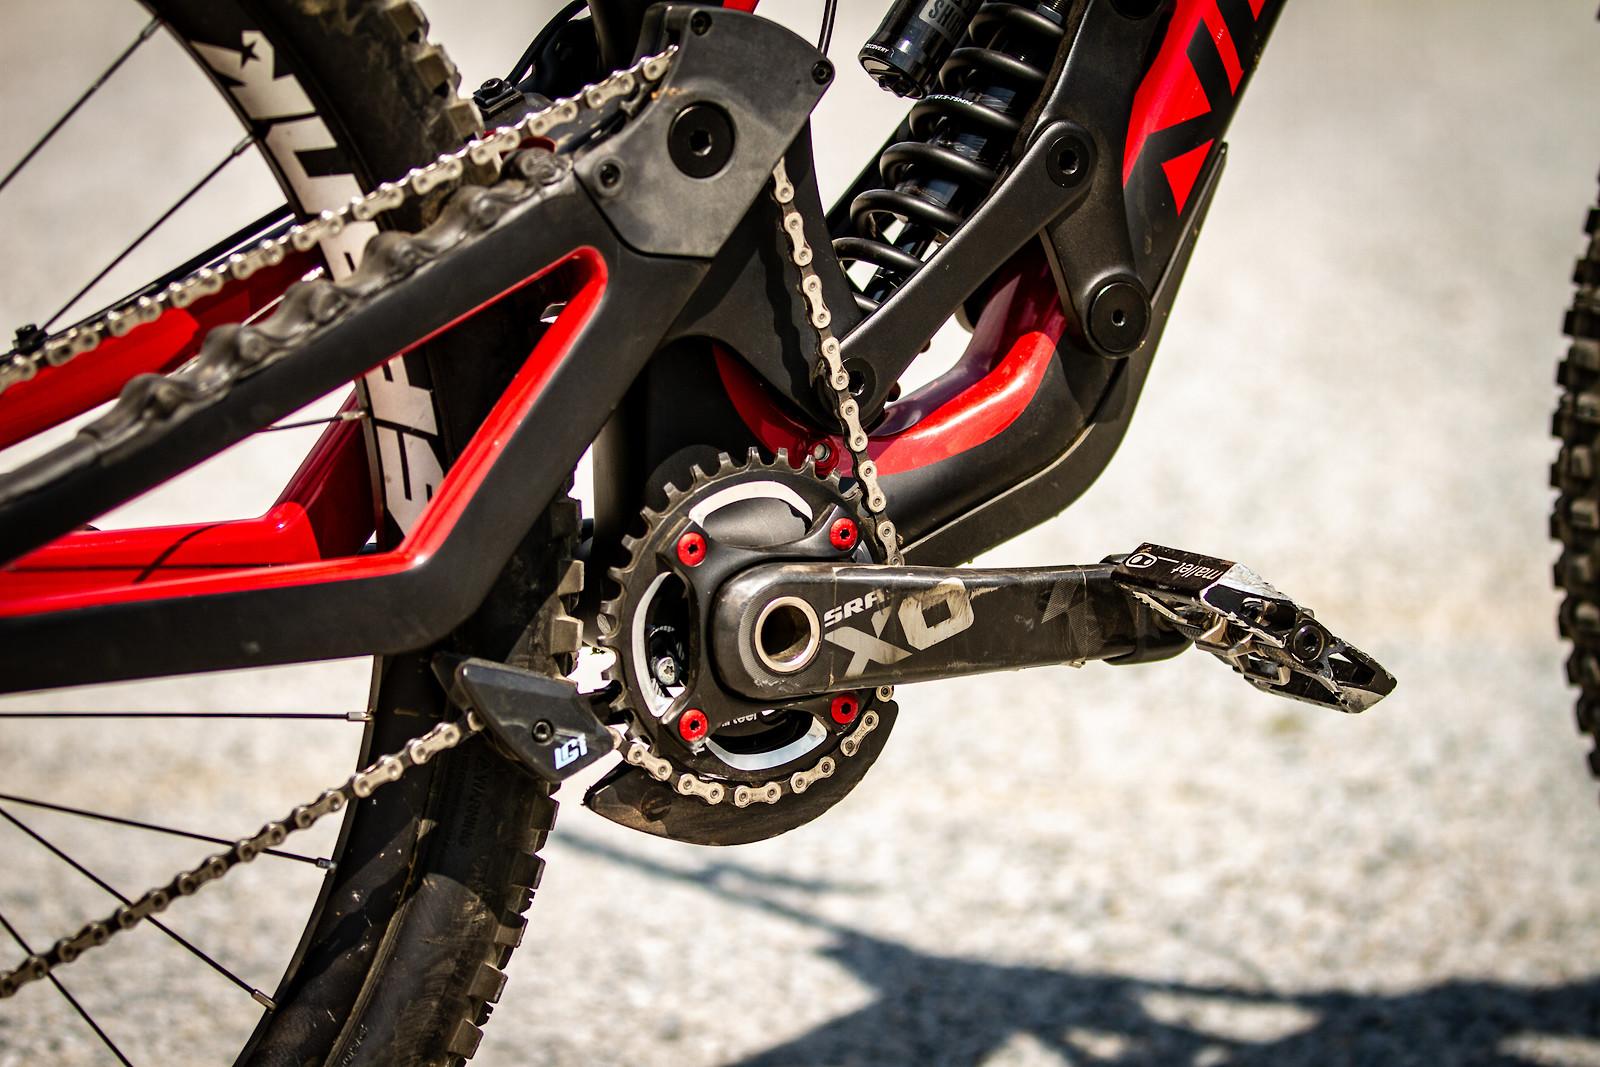 2019 Norco Aurum HSP Carbon - JackRice - Mountain Biking Pictures - Vital MTB